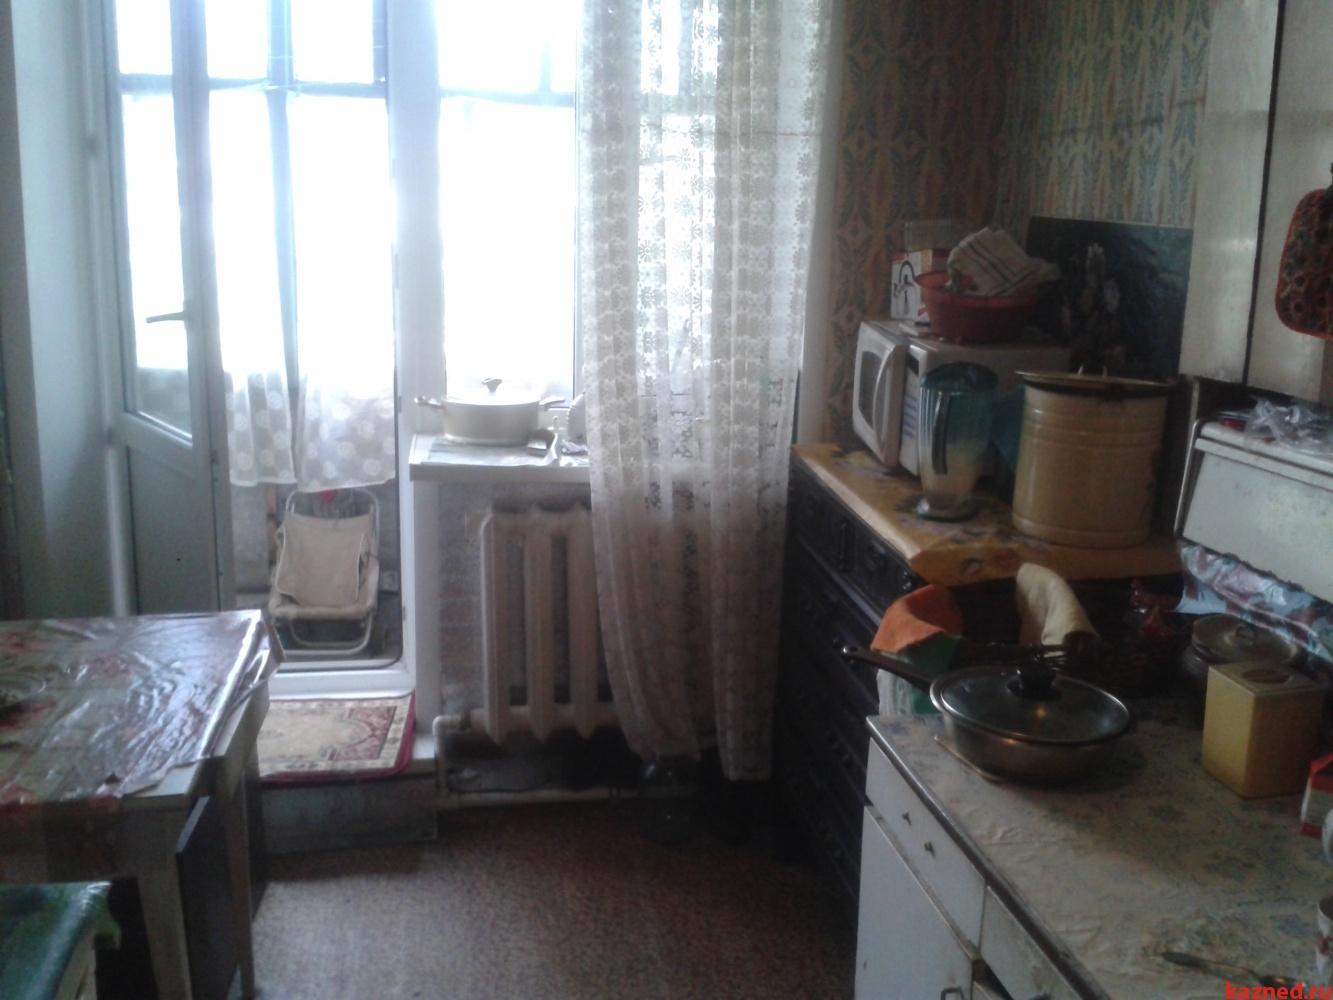 Продажа 1-к квартиры Новая, 7, 37 м²  (миниатюра №6)